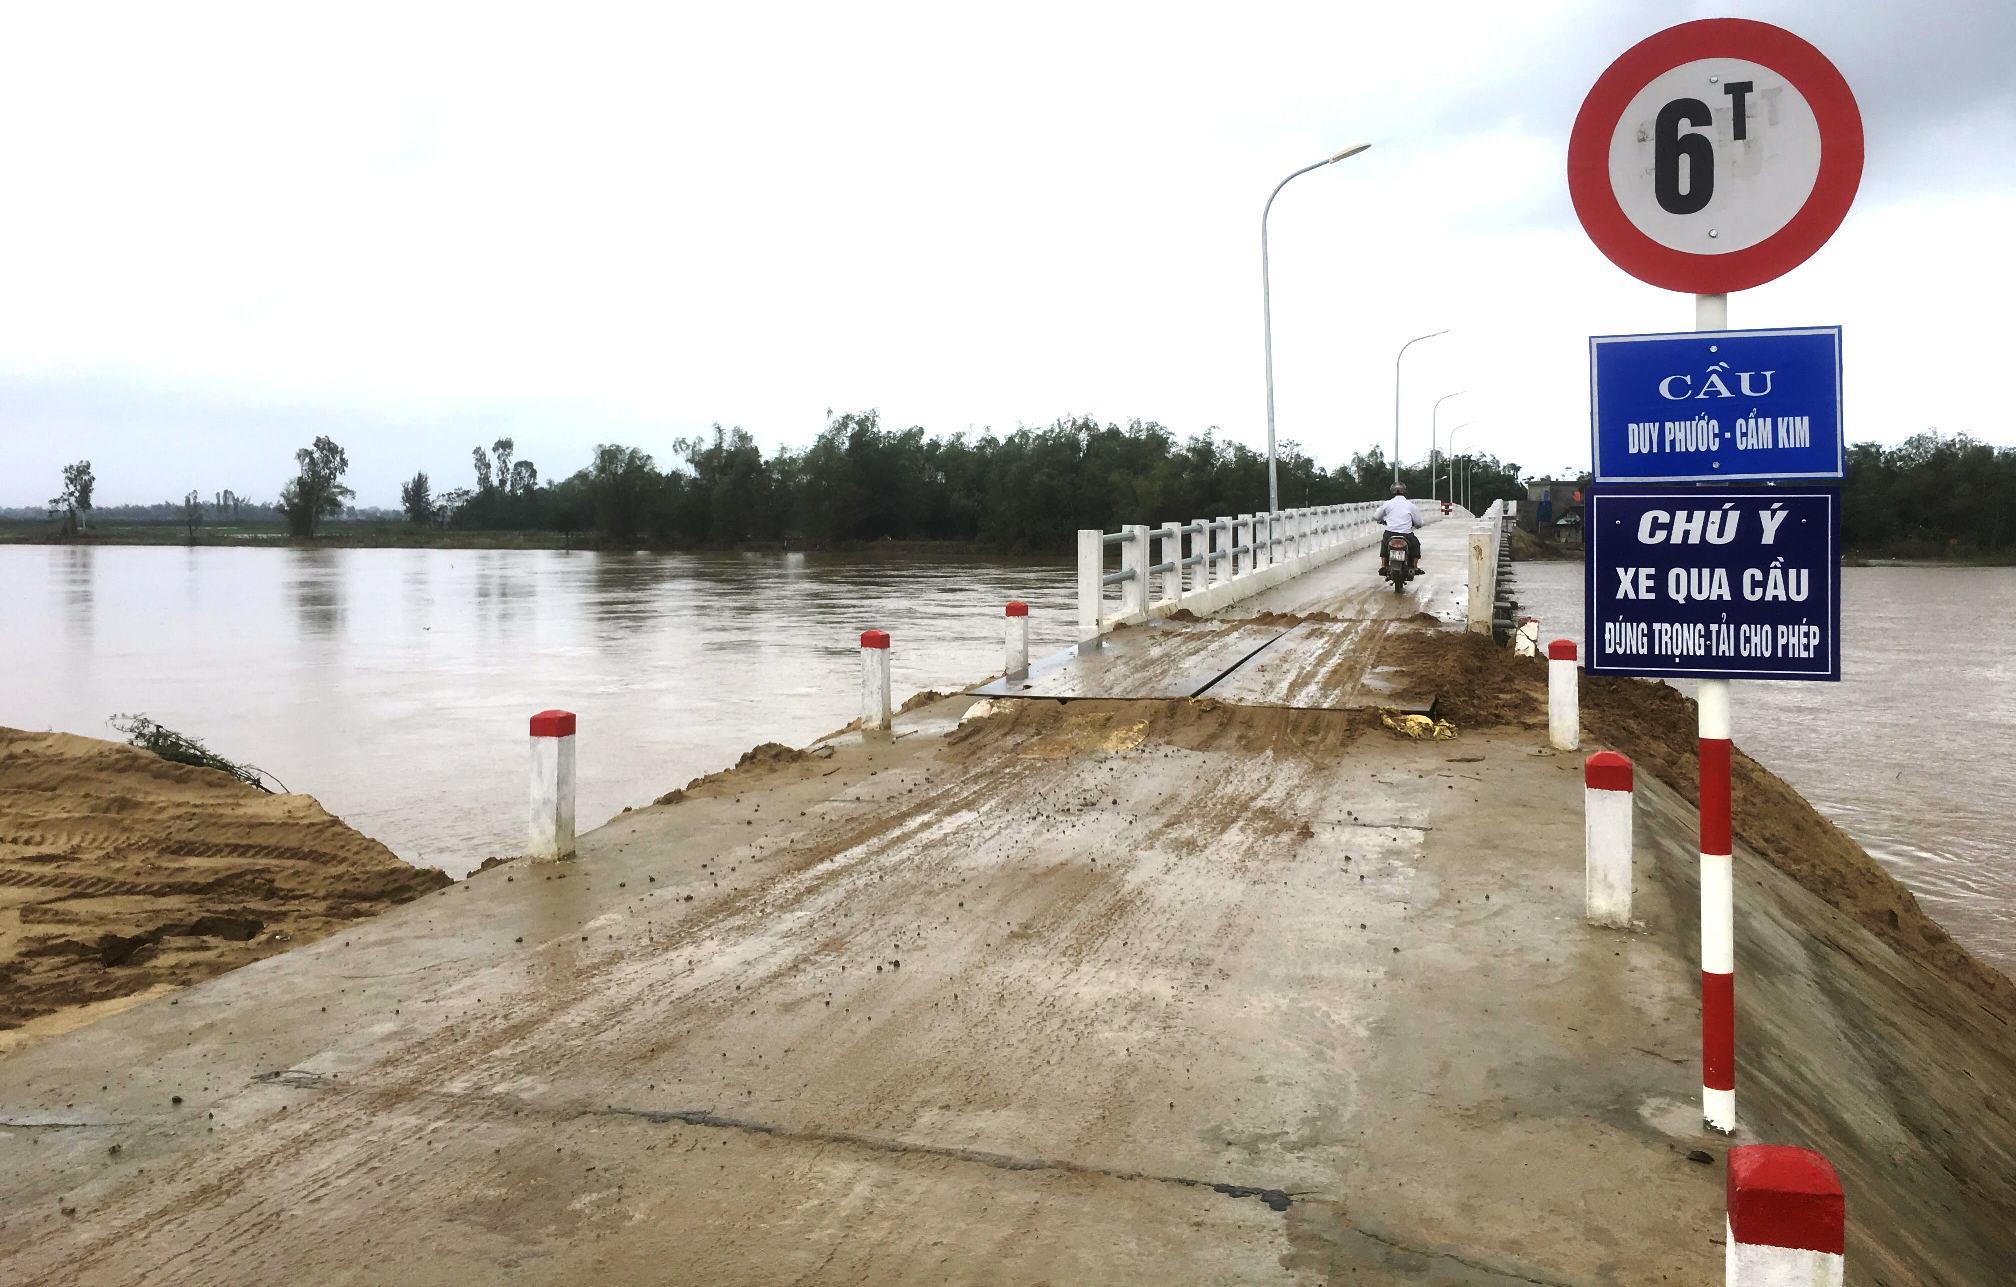 Mố cầu phía Đông đã bị sạt lở sau đợt lũ lụt vào đầu tháng 11 vừa rồi. Ảnh: PHAN VINH